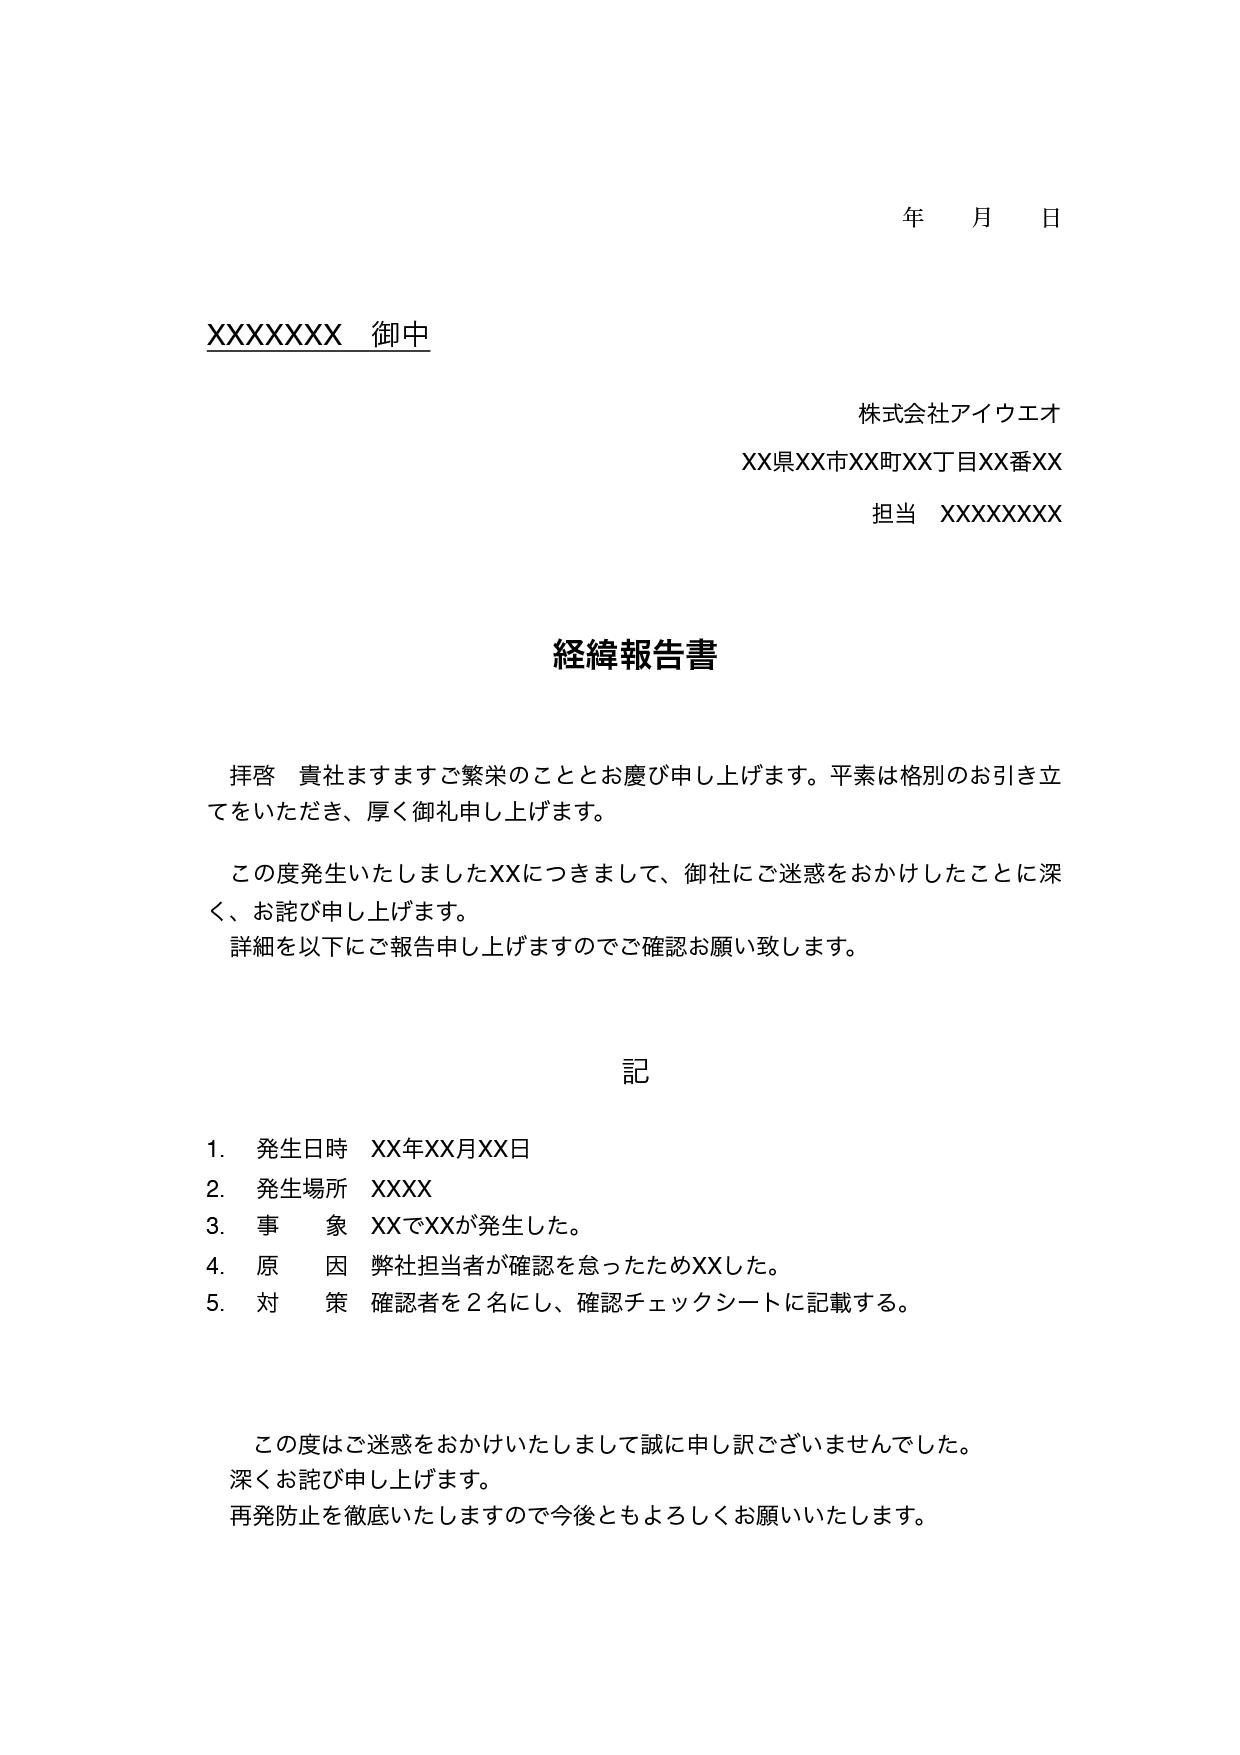 経緯報告書テンプレート『顛末書・謝罪・お詫び・社内/社外』